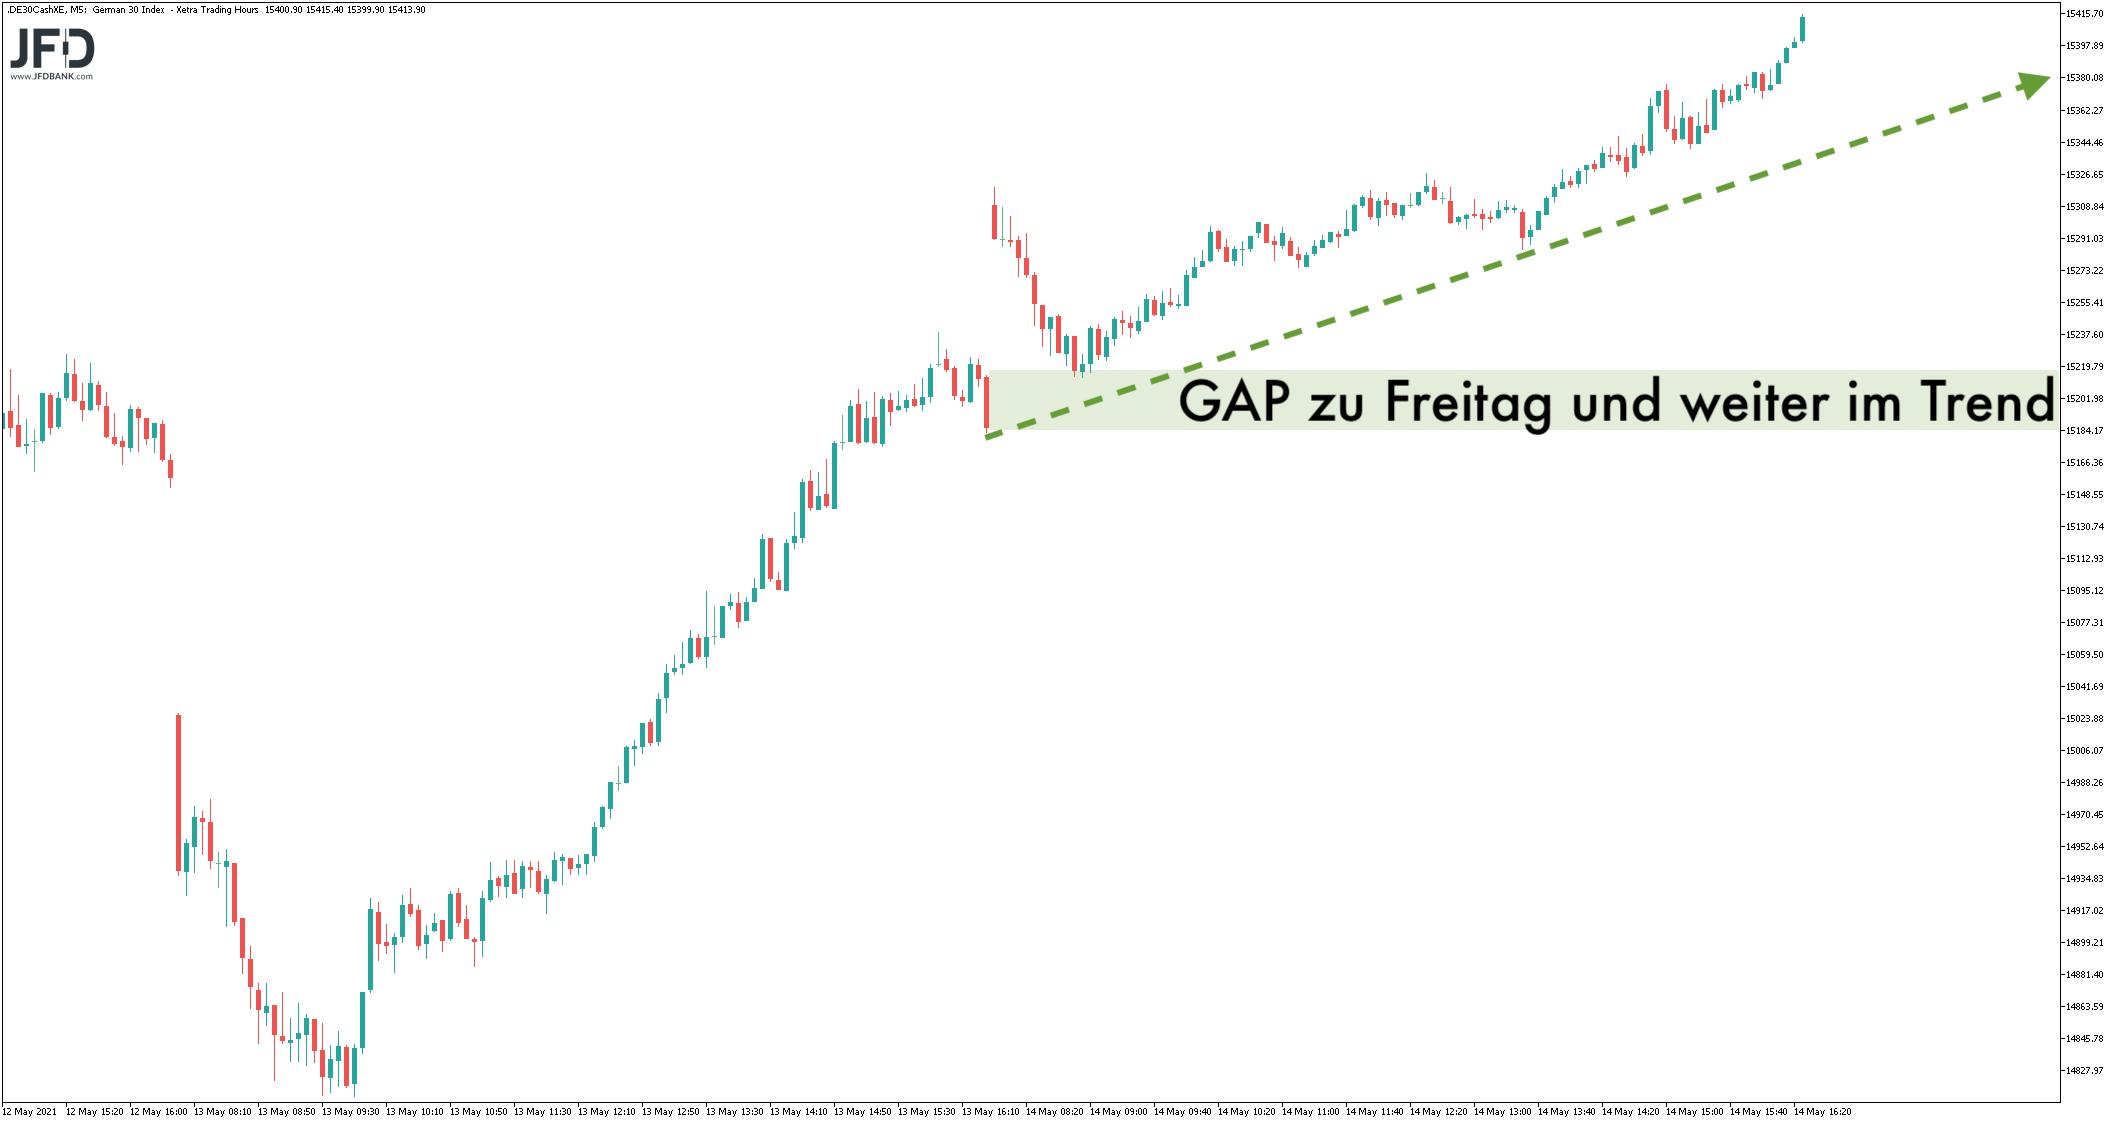 Rekordhoch-zum-Wochenstart-Ja-oder-Nein-Kommentar-JFD-Bank-GodmodeTrader.de-3